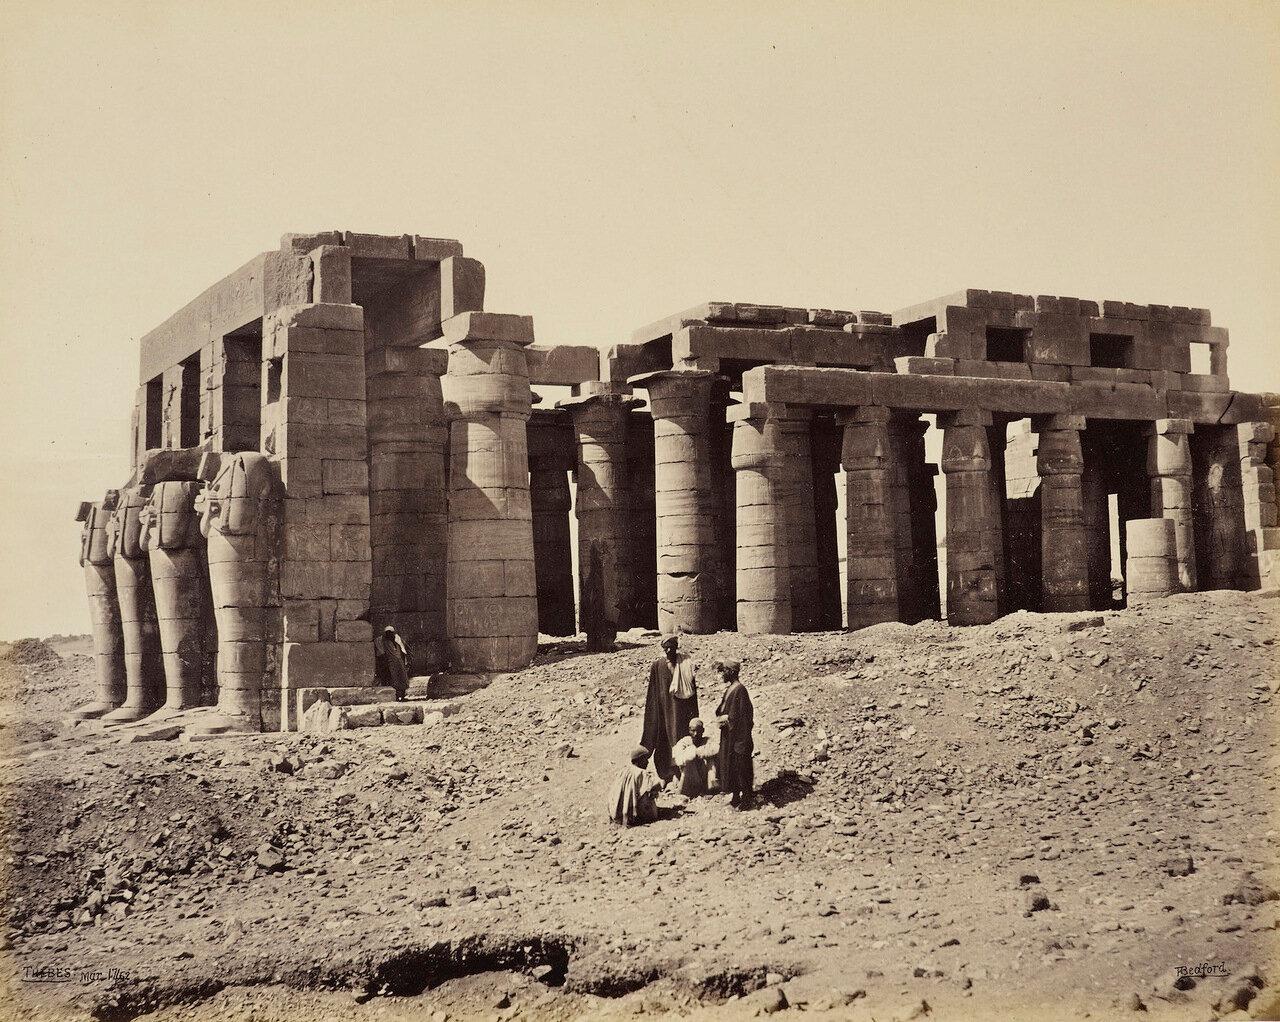 17 марта 1862. Мемнониум. общий вид с юго-востока, Фивы